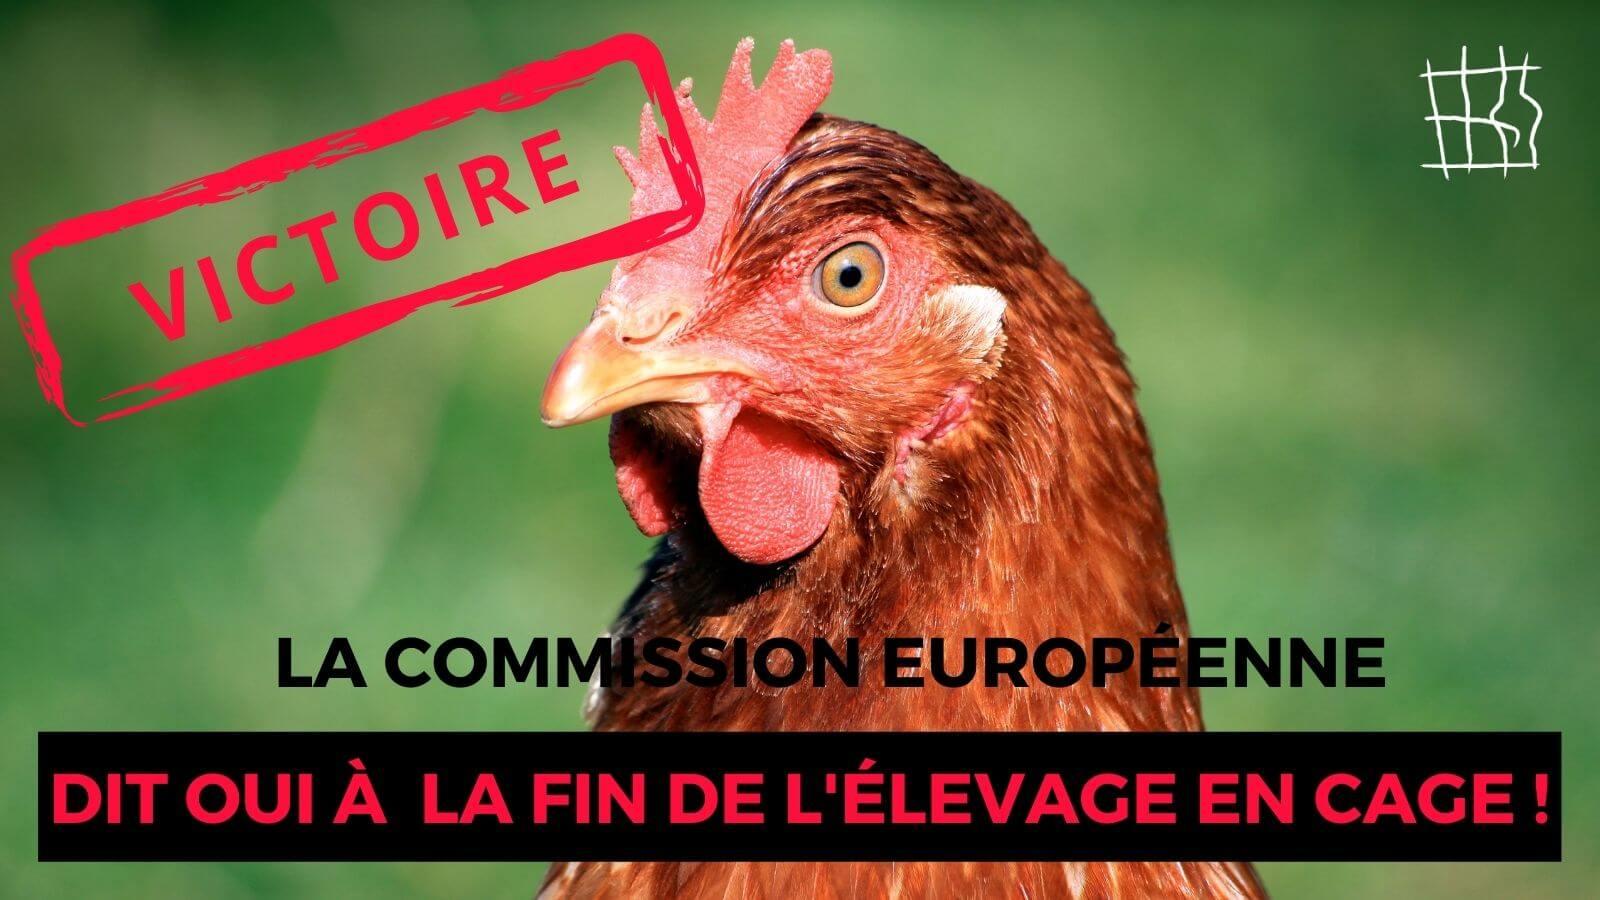 L'histoire est en marche ! La Commission européenne s'engage à interdire l'élevage en cage